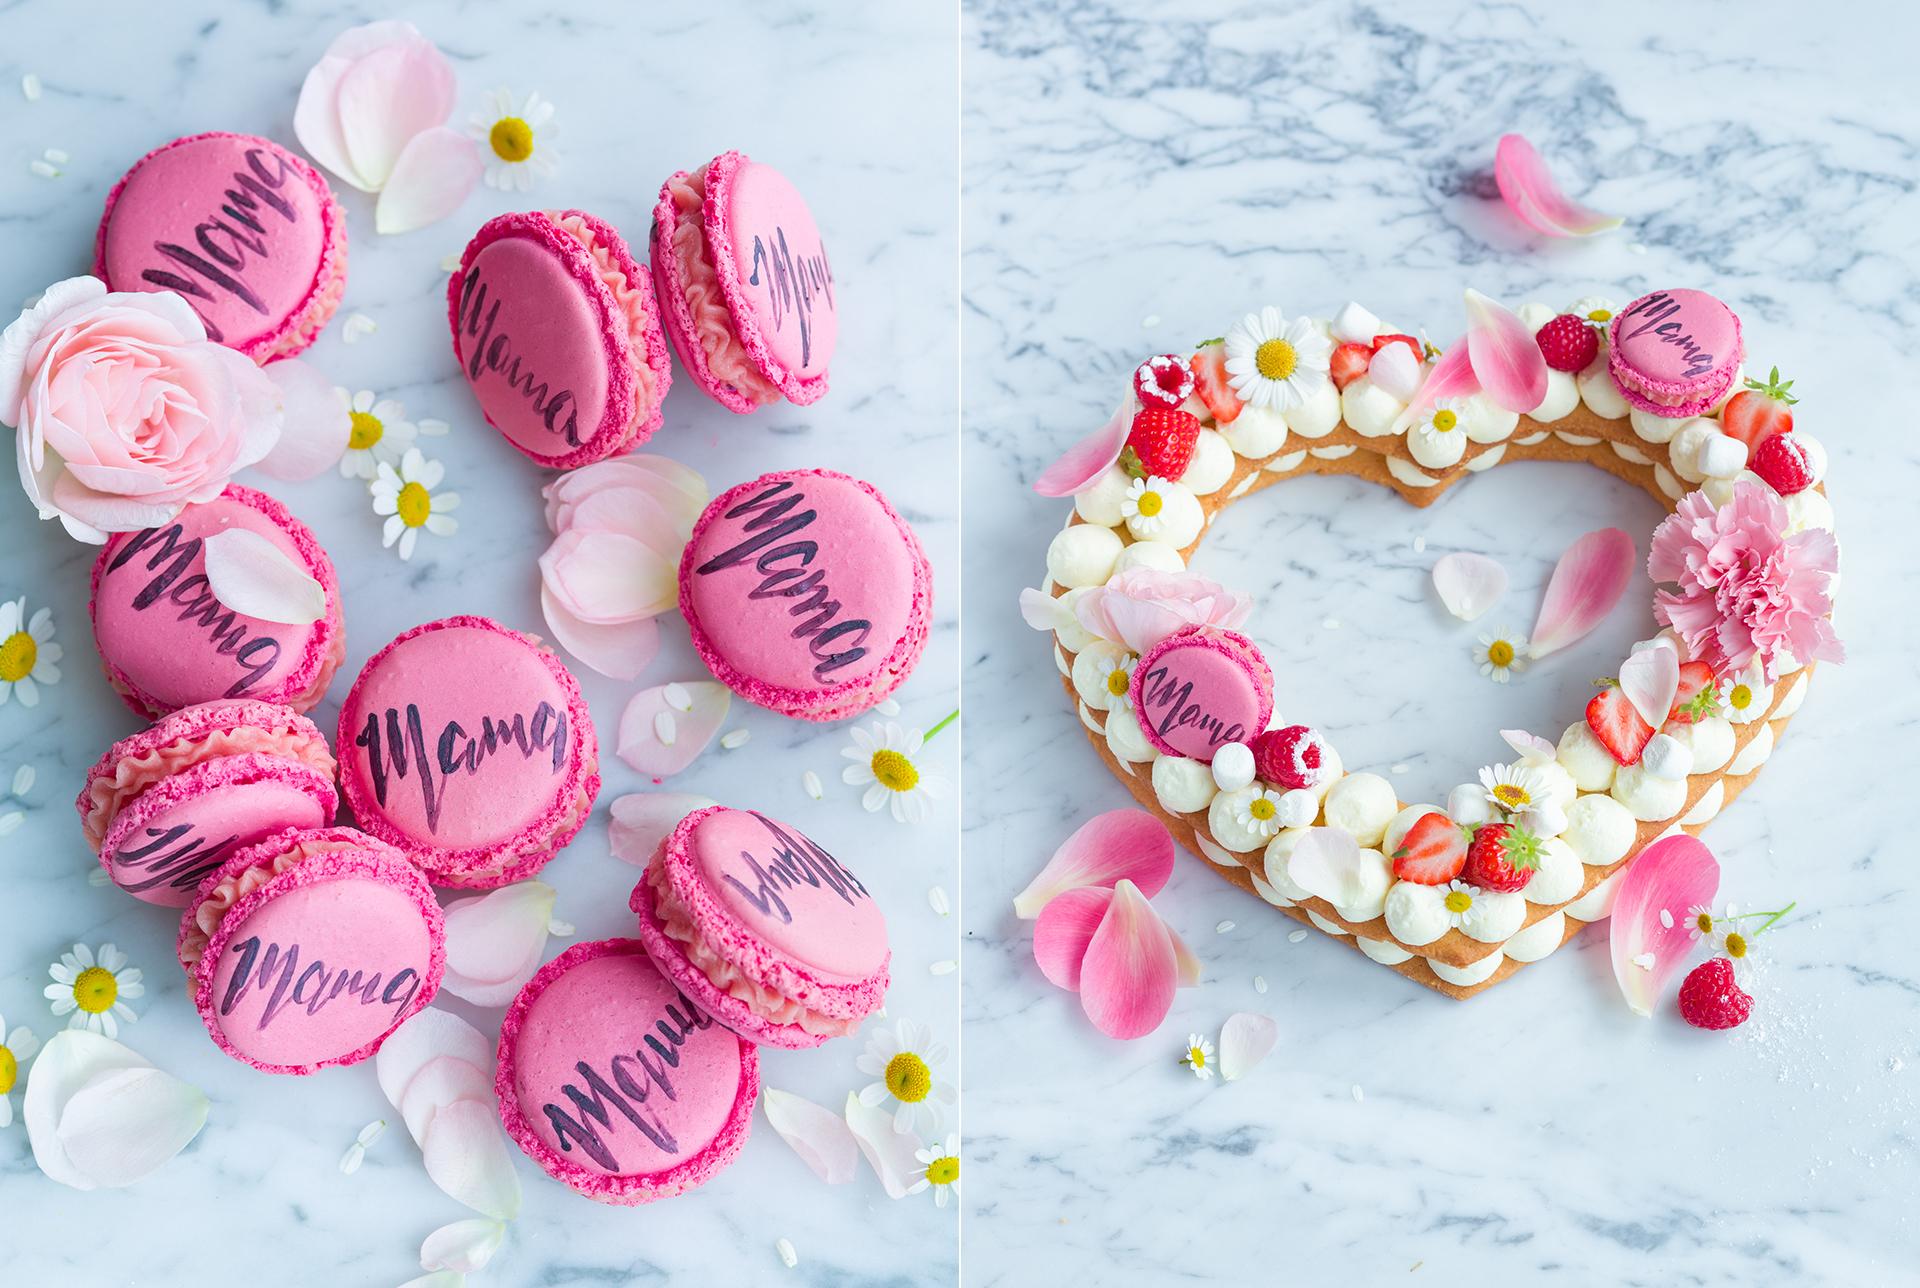 Cake Lettering - rosa Macarons mit Mama-Schriftzug und essbaren Bluetenblaettern. Kuchen in Herzform mit Sahne-Creme-Tupfen, essbaren Blueten, Himbeeren und rosa Macarons mit Mama-Schriftzug fotografiert von Foodphotography Katrin Winner